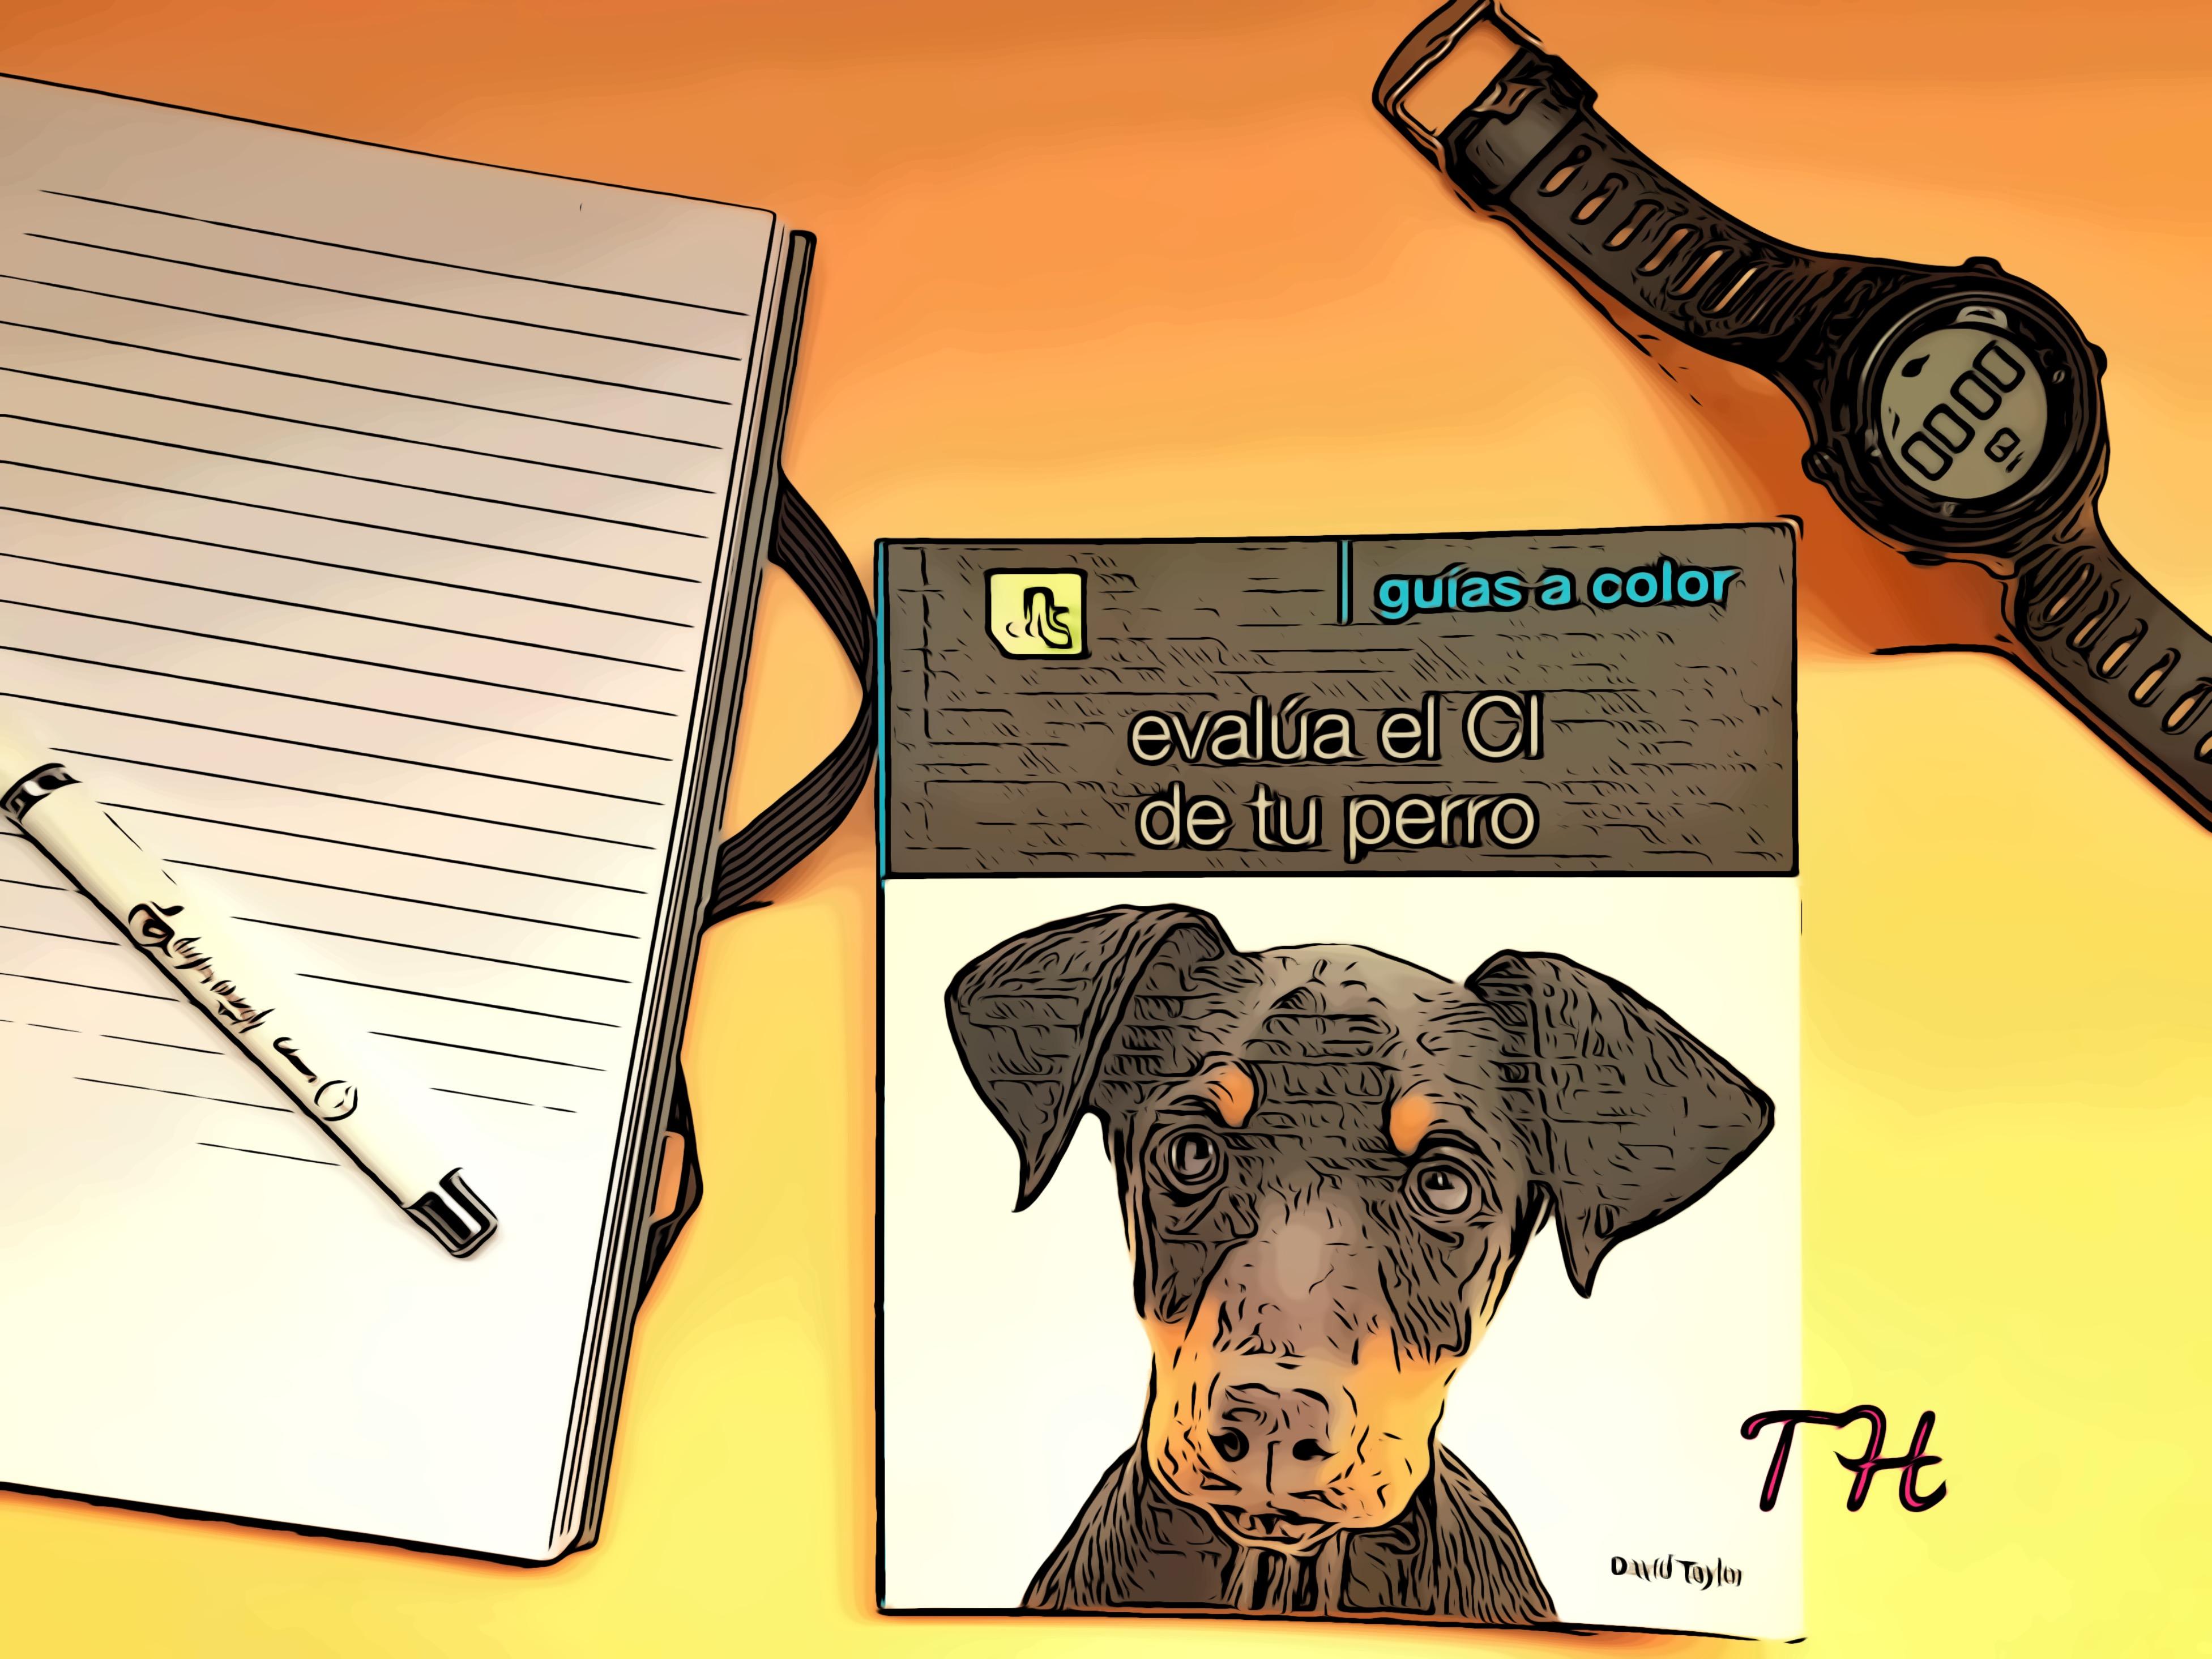 Evalúa el coeficiente intelectual de tu perro